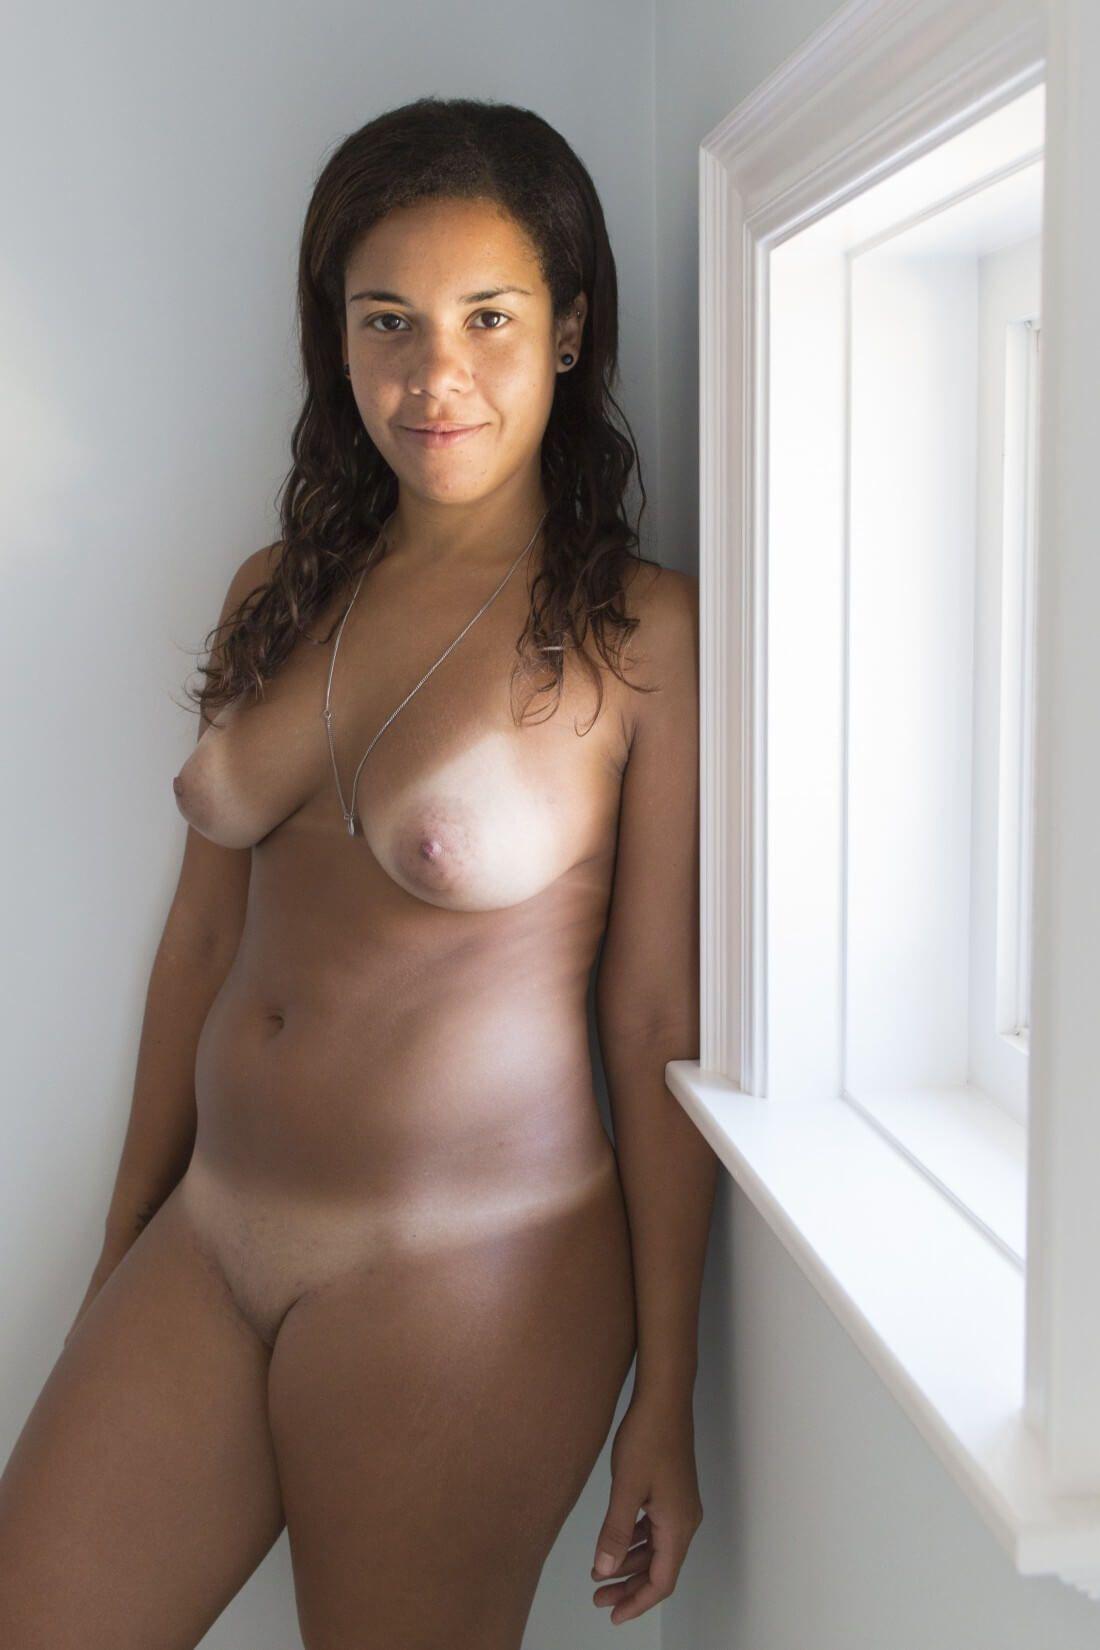 Nude woman Nude Mature